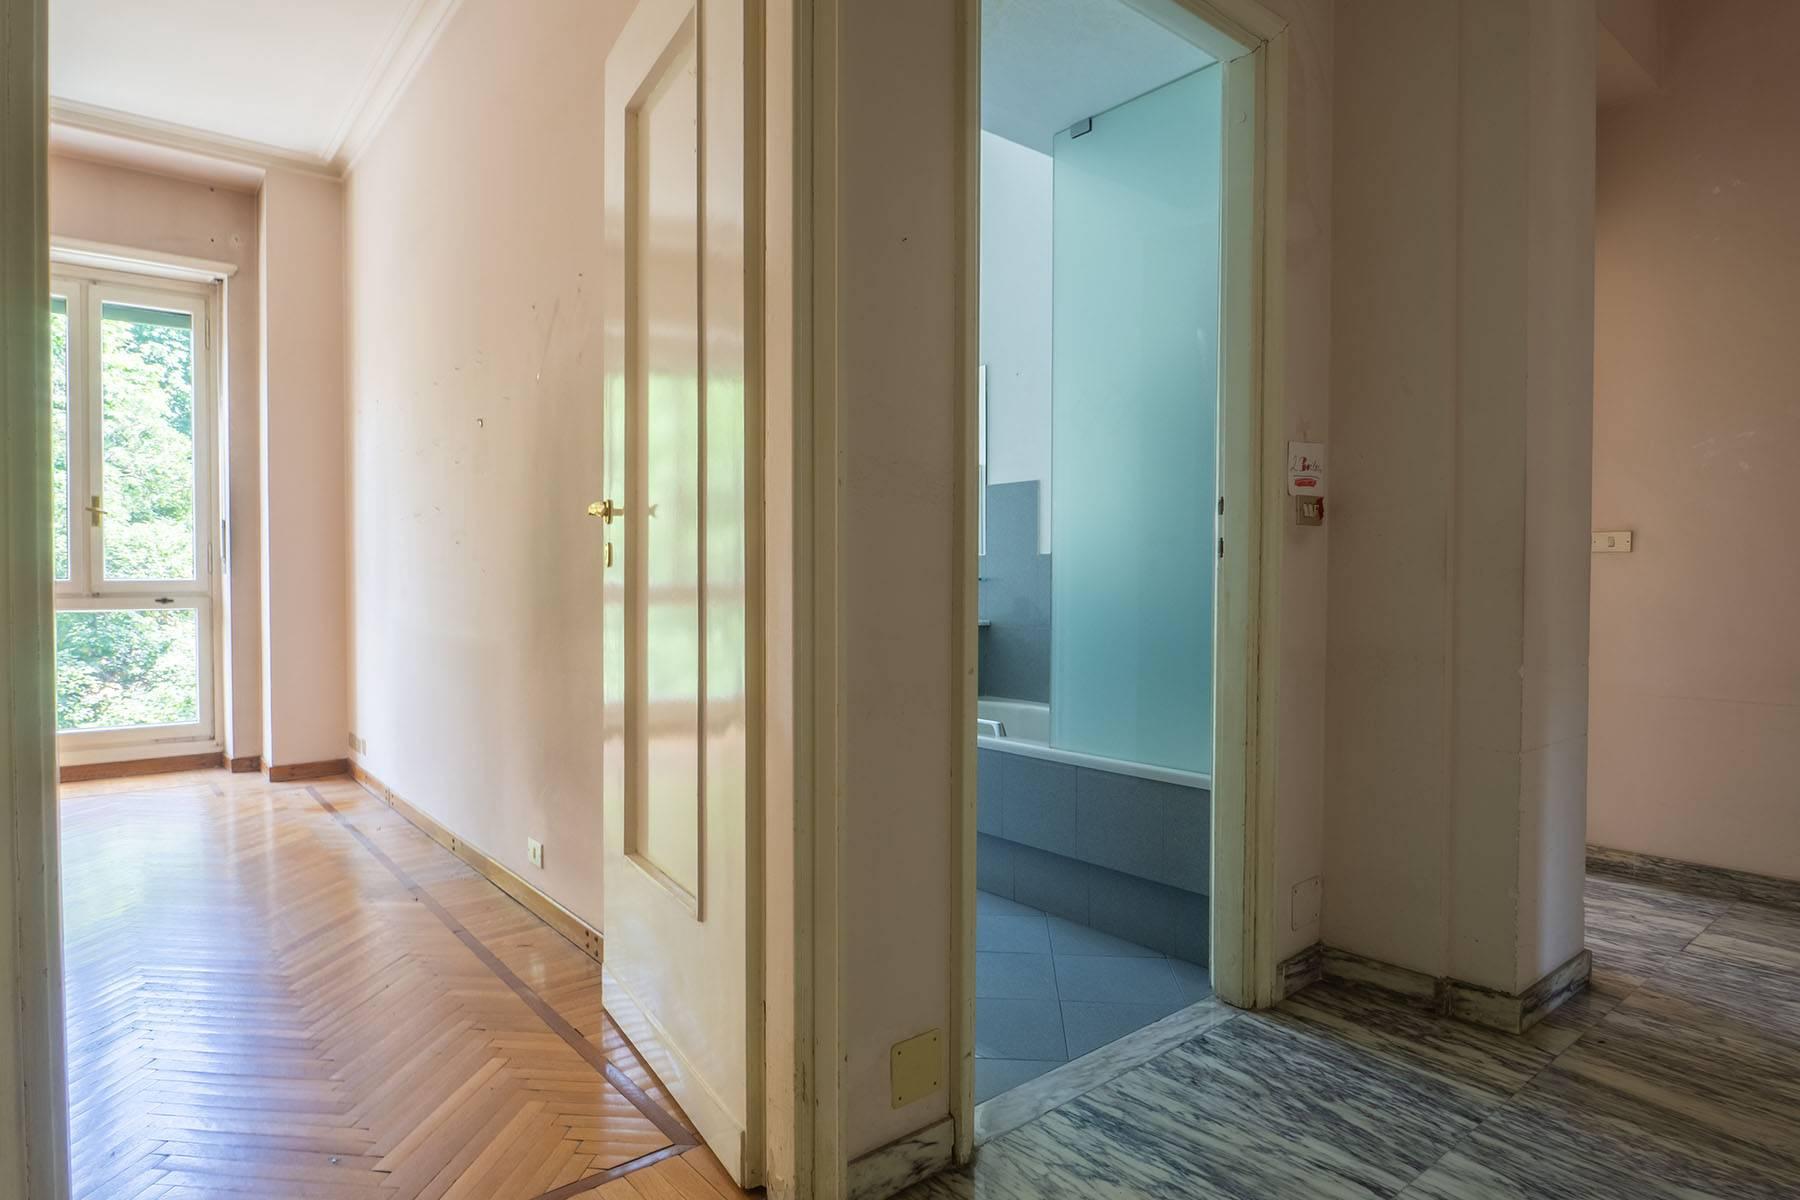 Appartamento in Vendita a Torino: 4 locali, 181 mq - Foto 11